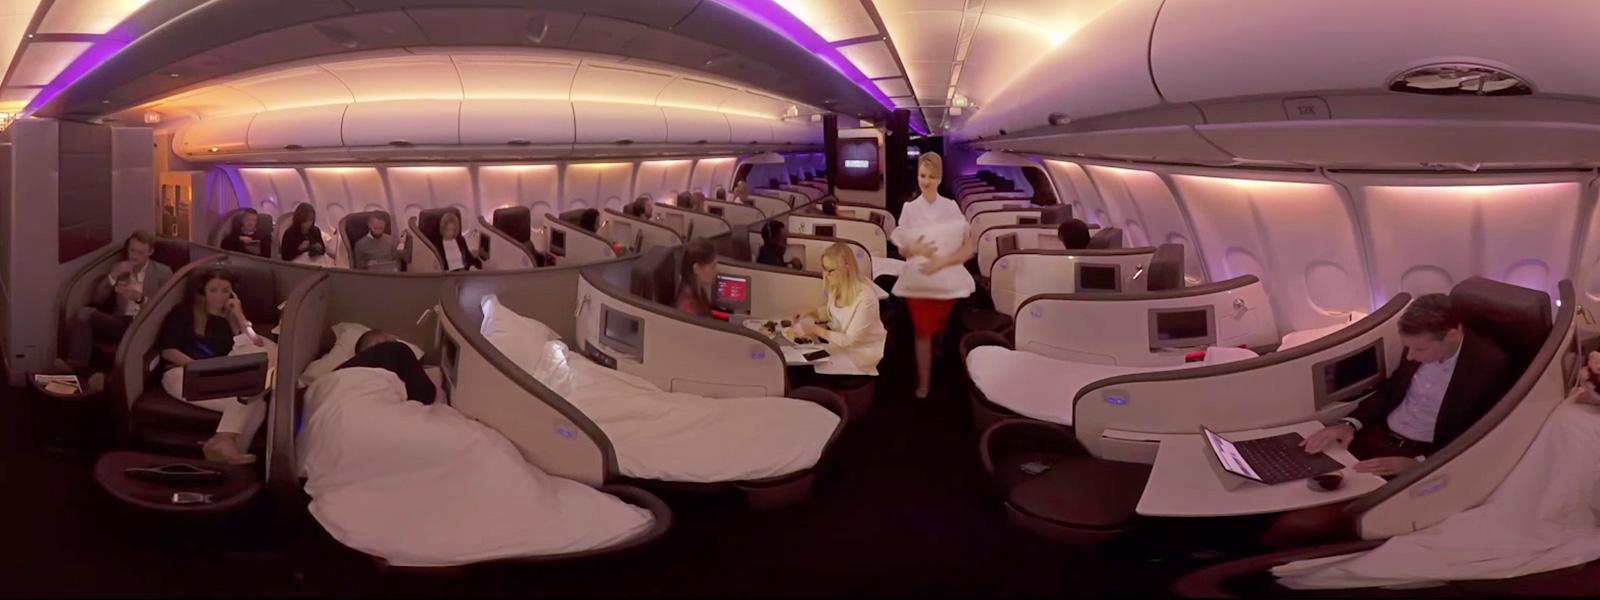 Twee passagiers op een Virgin Atlantic-vlucht gebruiken touchscreen op hoofdsteun